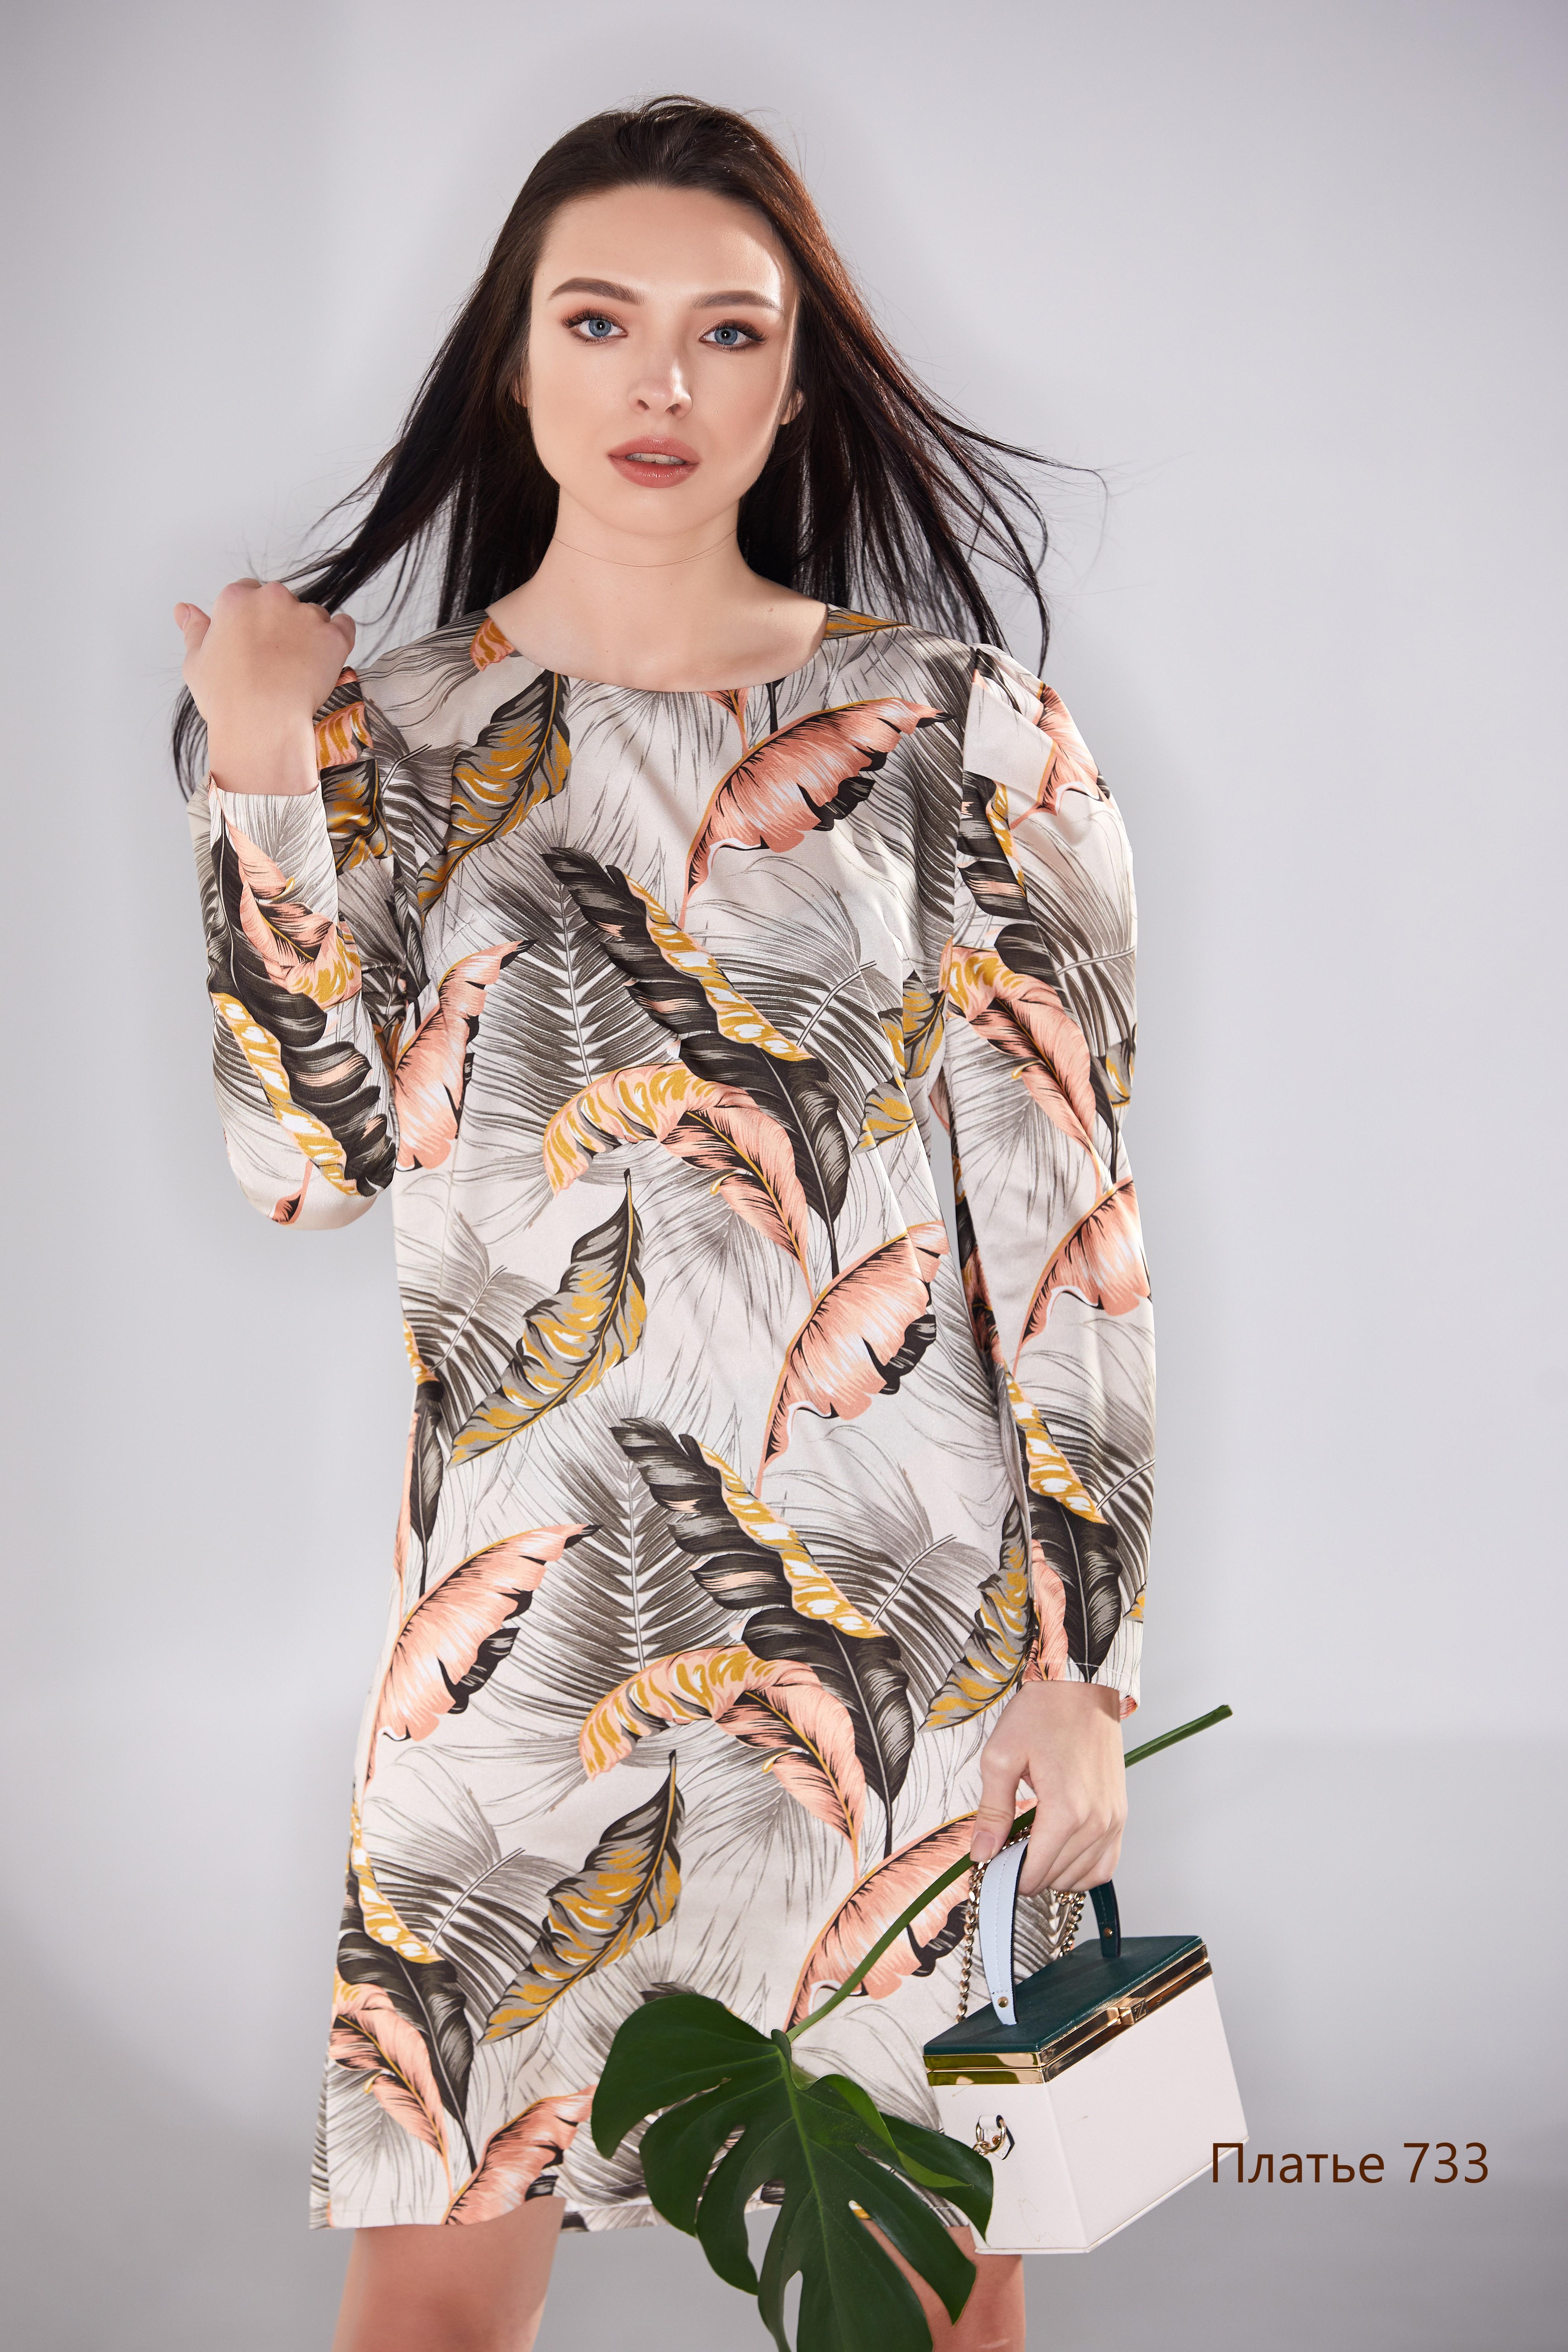 Платье 733 (2)